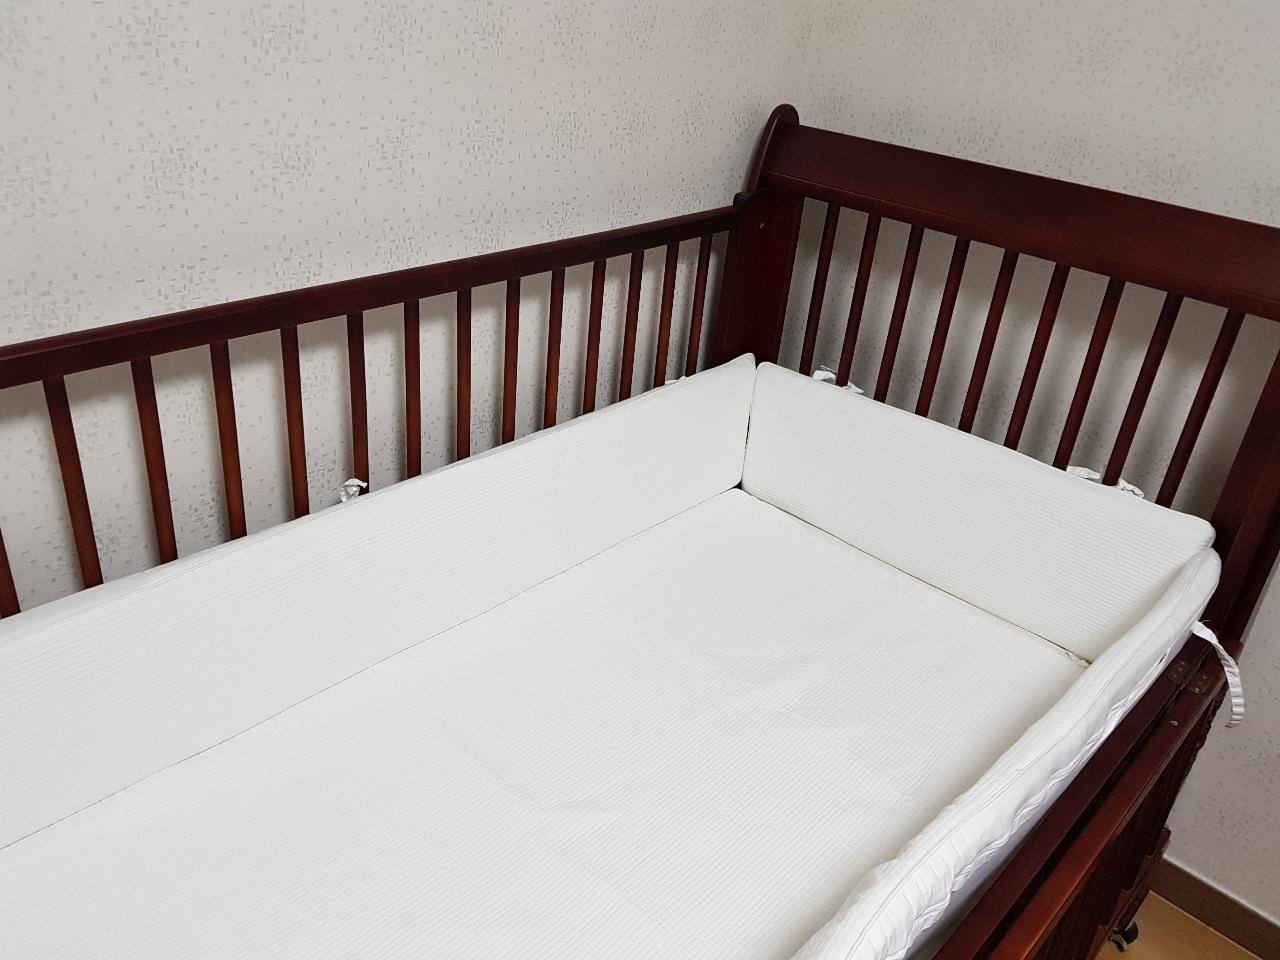 유아침대 압소바 하프침대(원목)